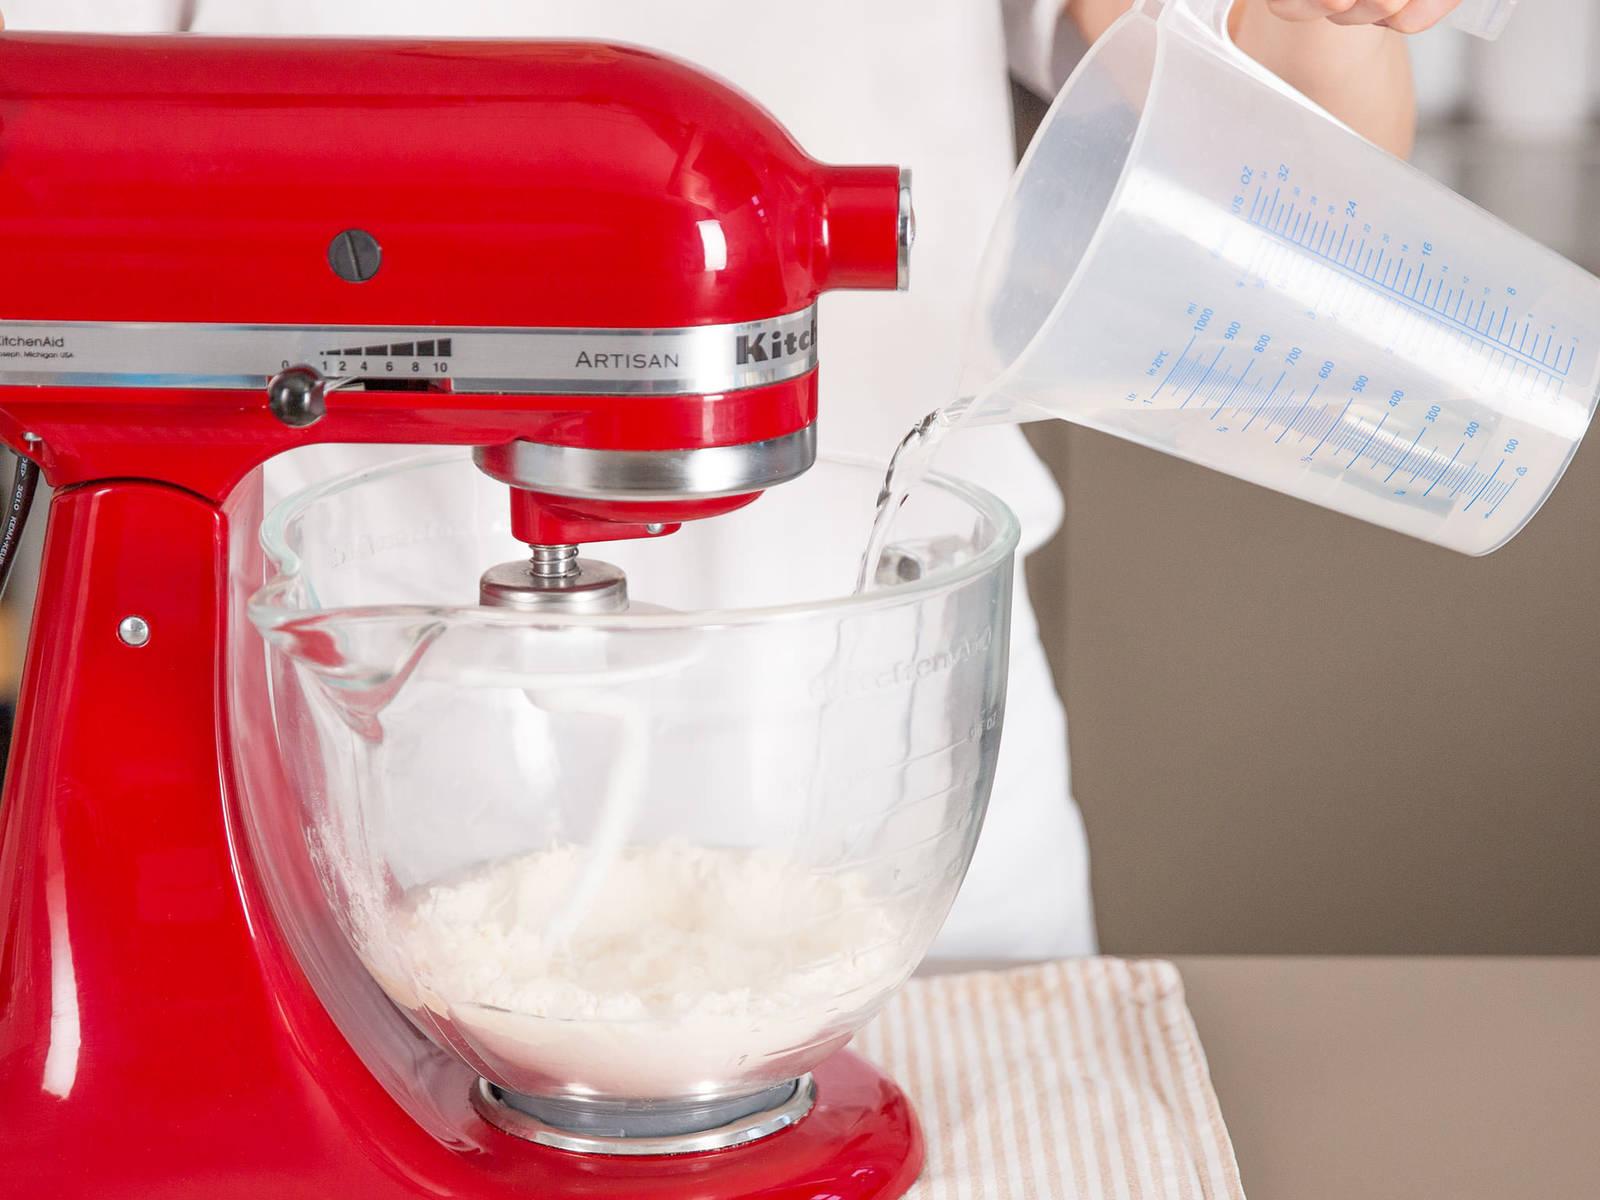 Mehl und Wasser in die Küchenmaschine geben und für ca. 2 - 3 Min. kneten, bis sich die Zutaten grob verbunden haben.